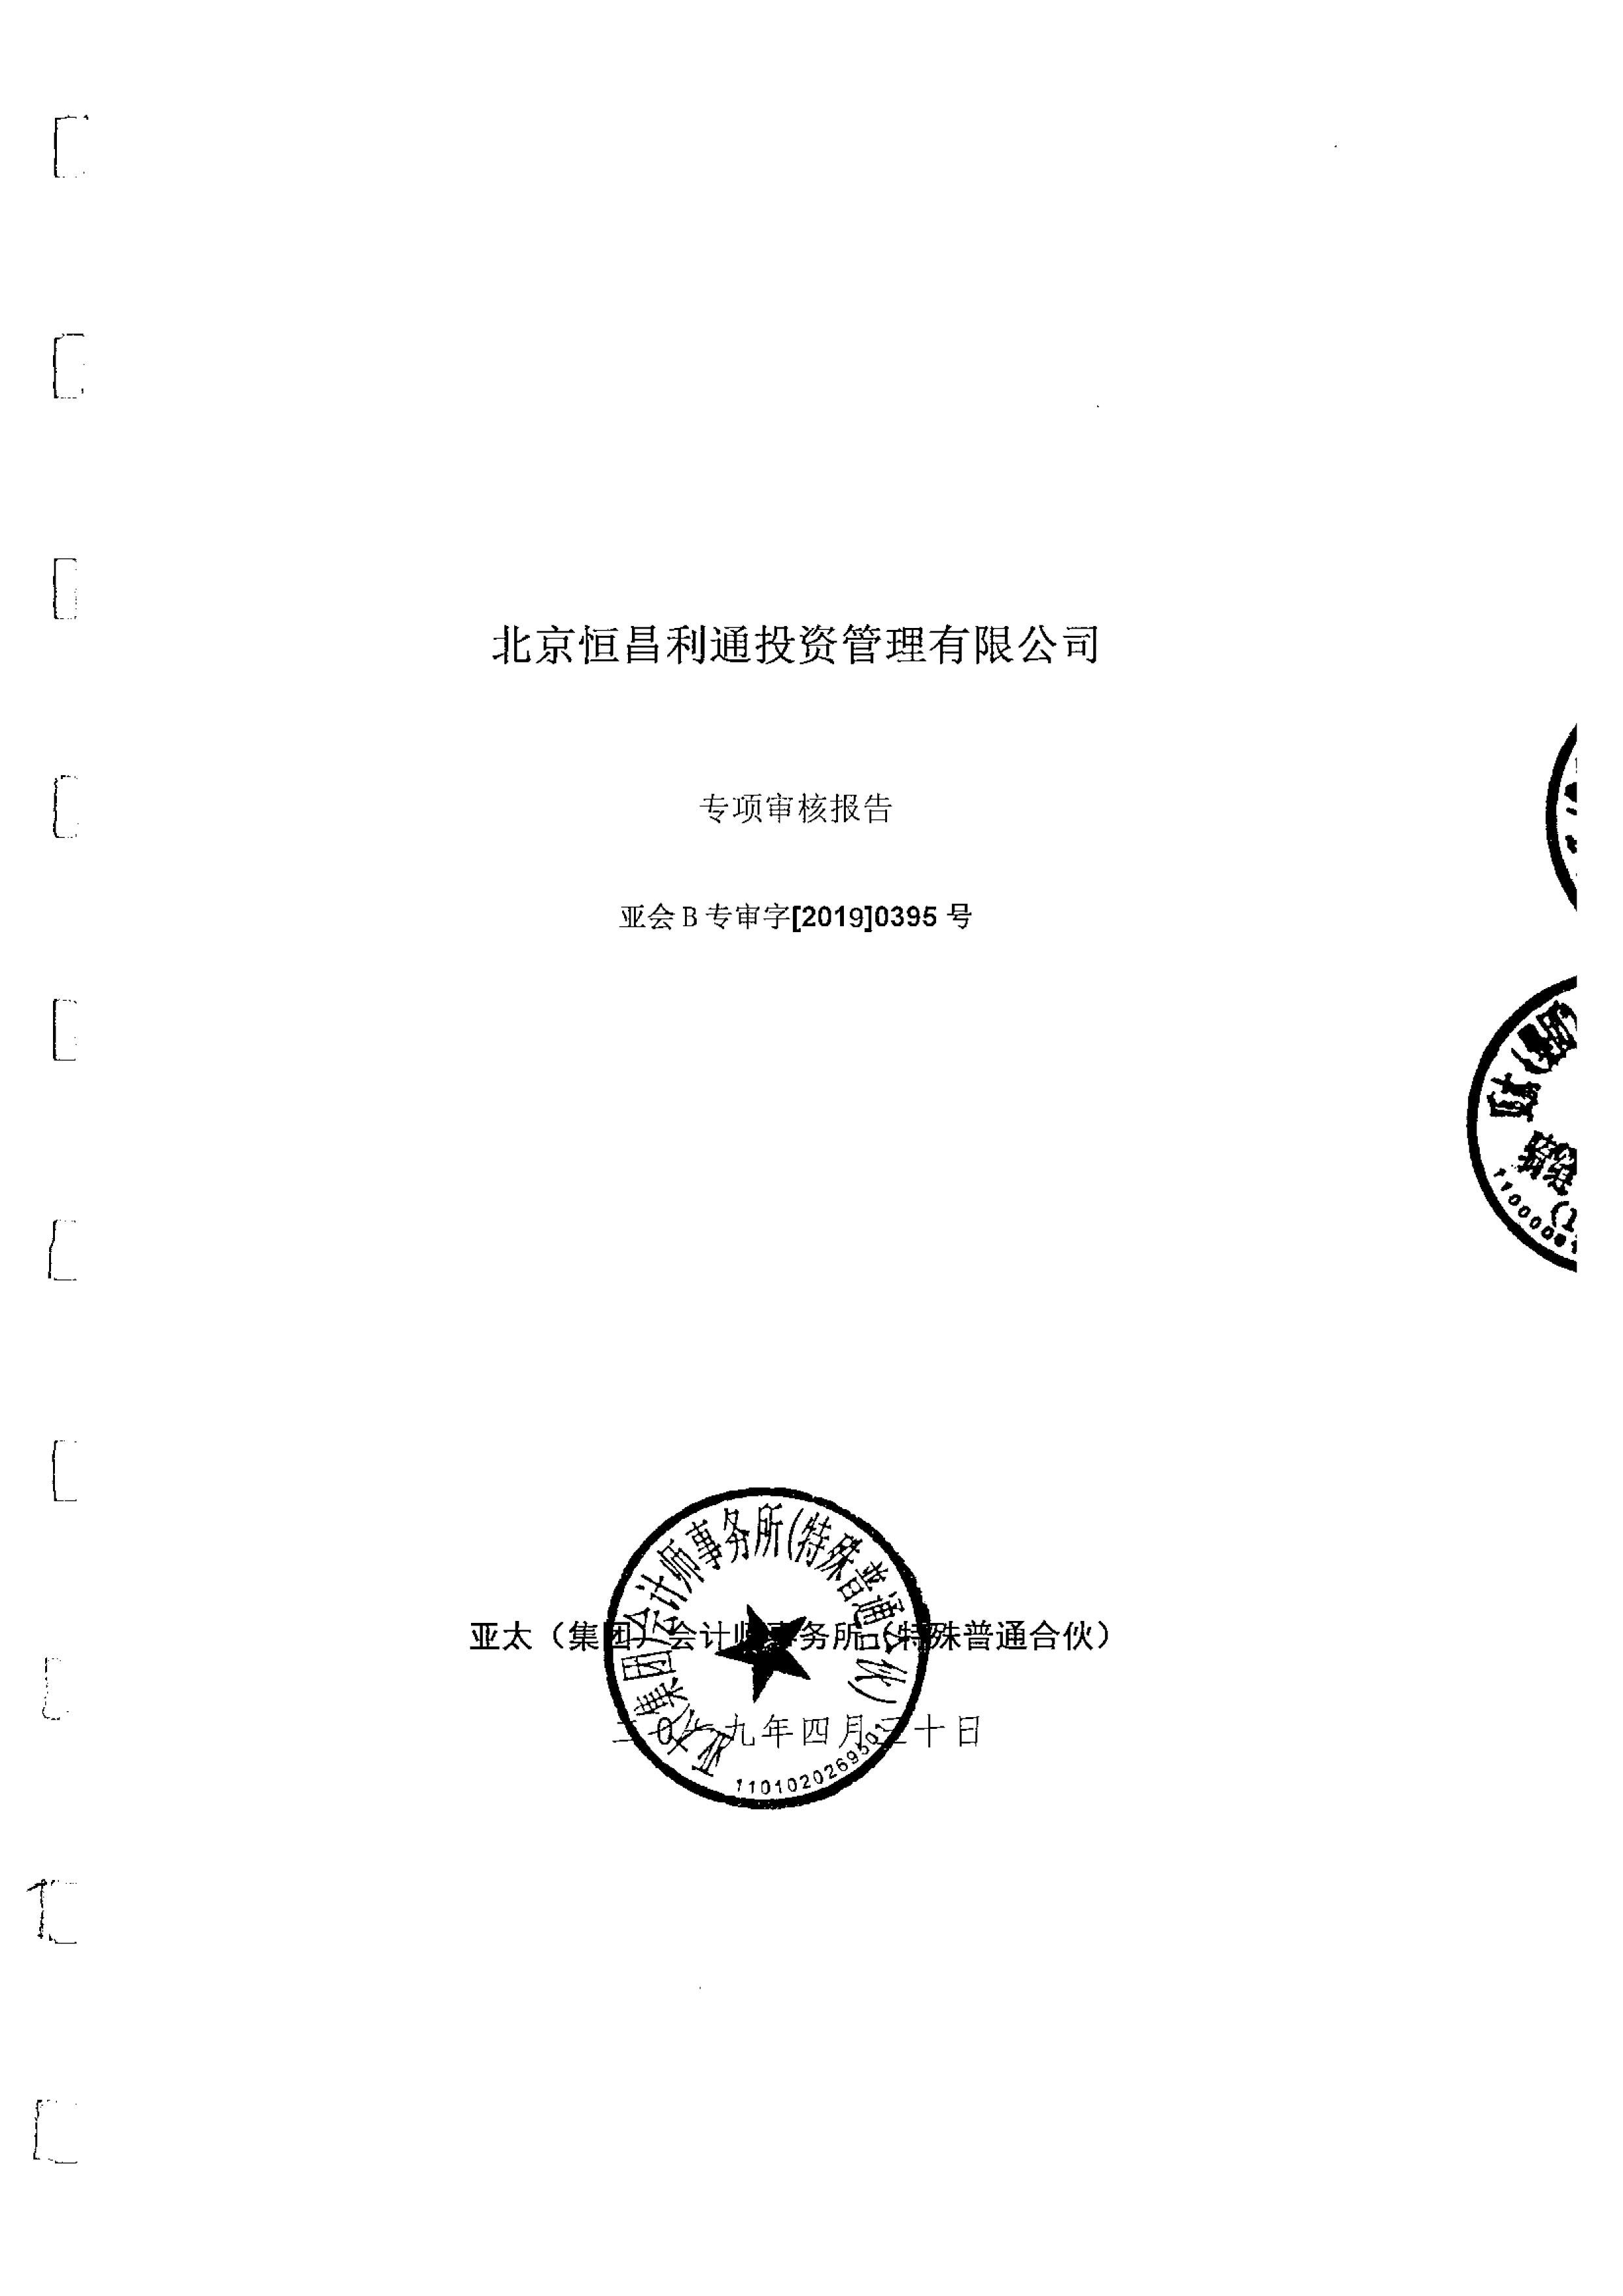 2018年度重点环节审核报告